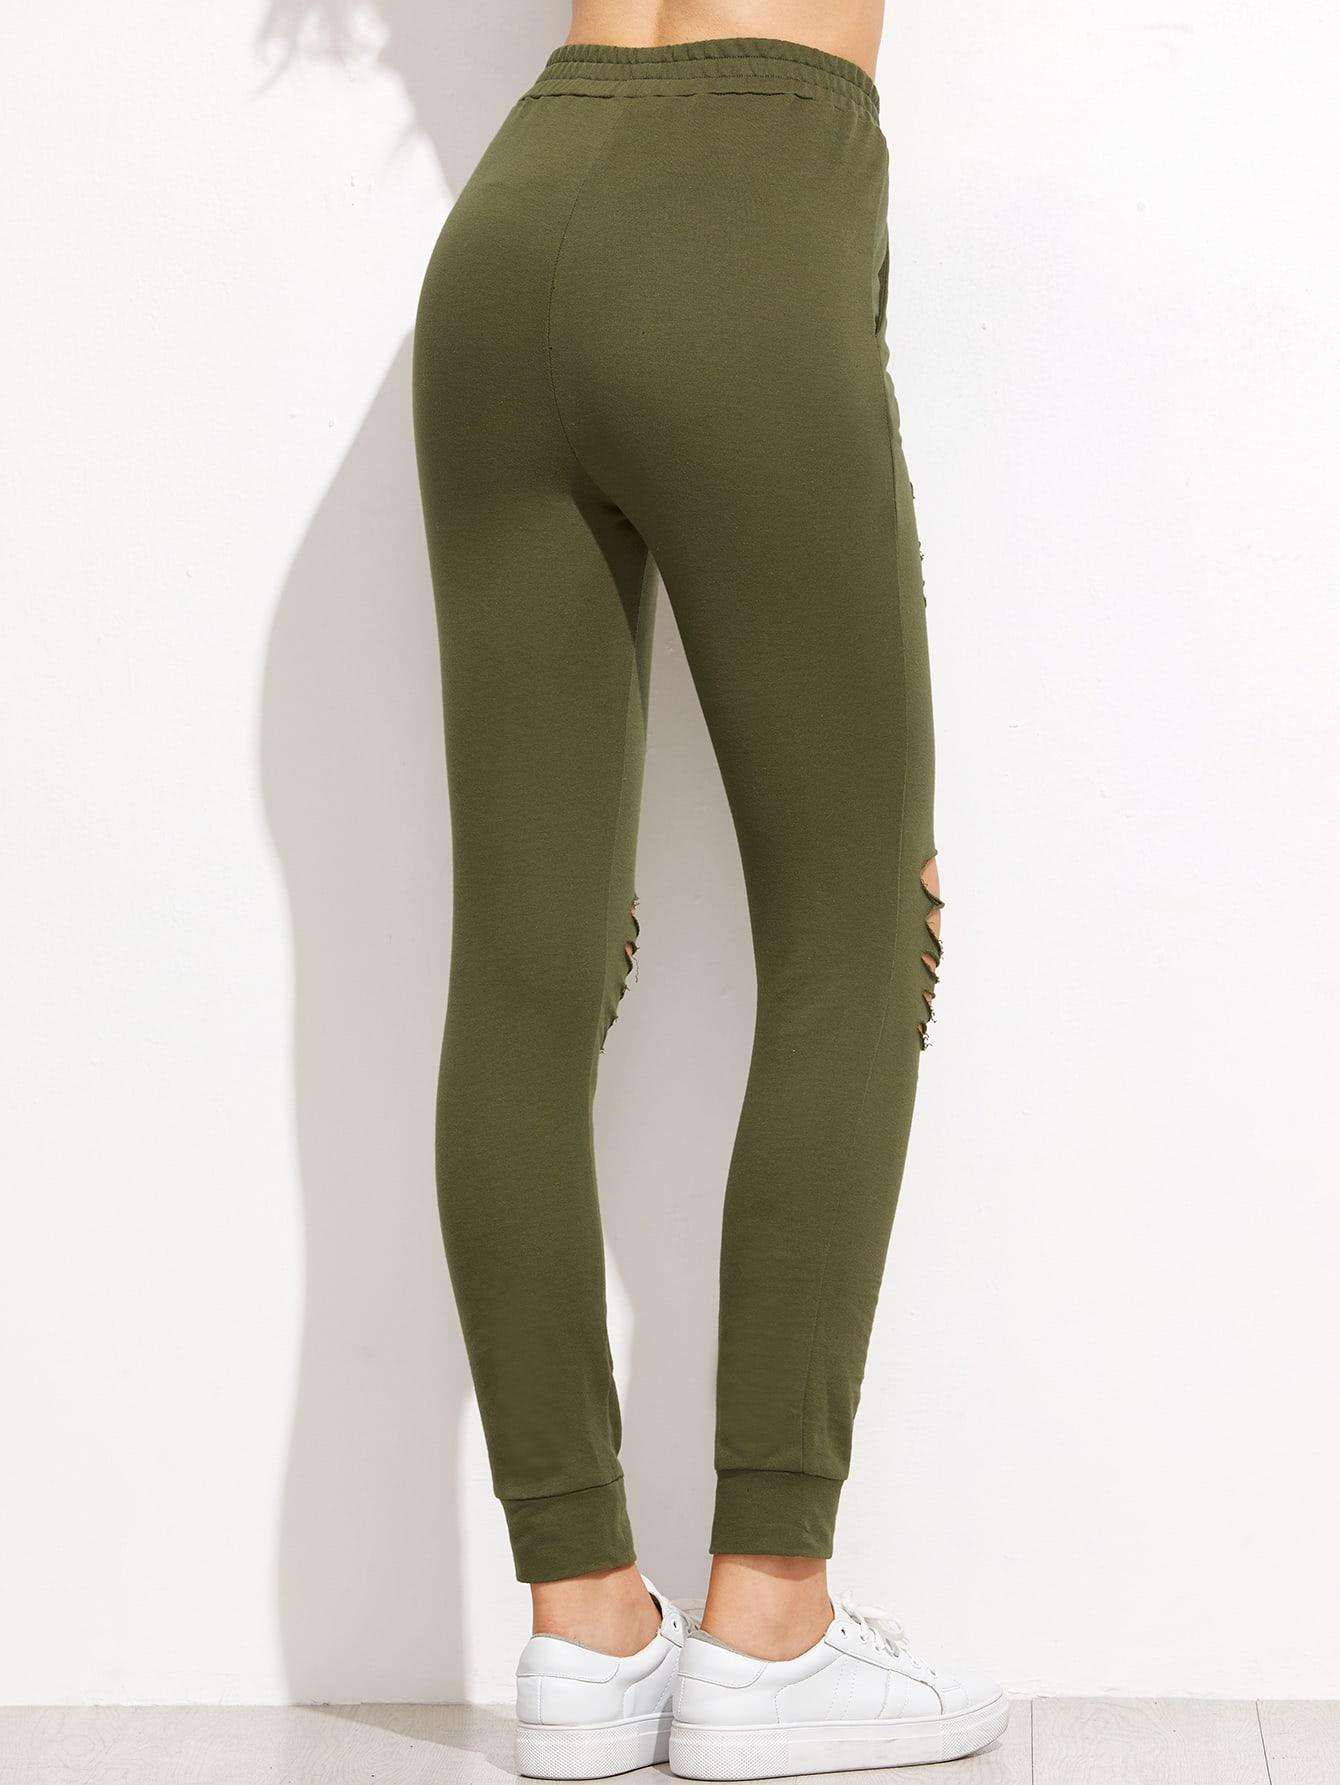 pants161010701_2